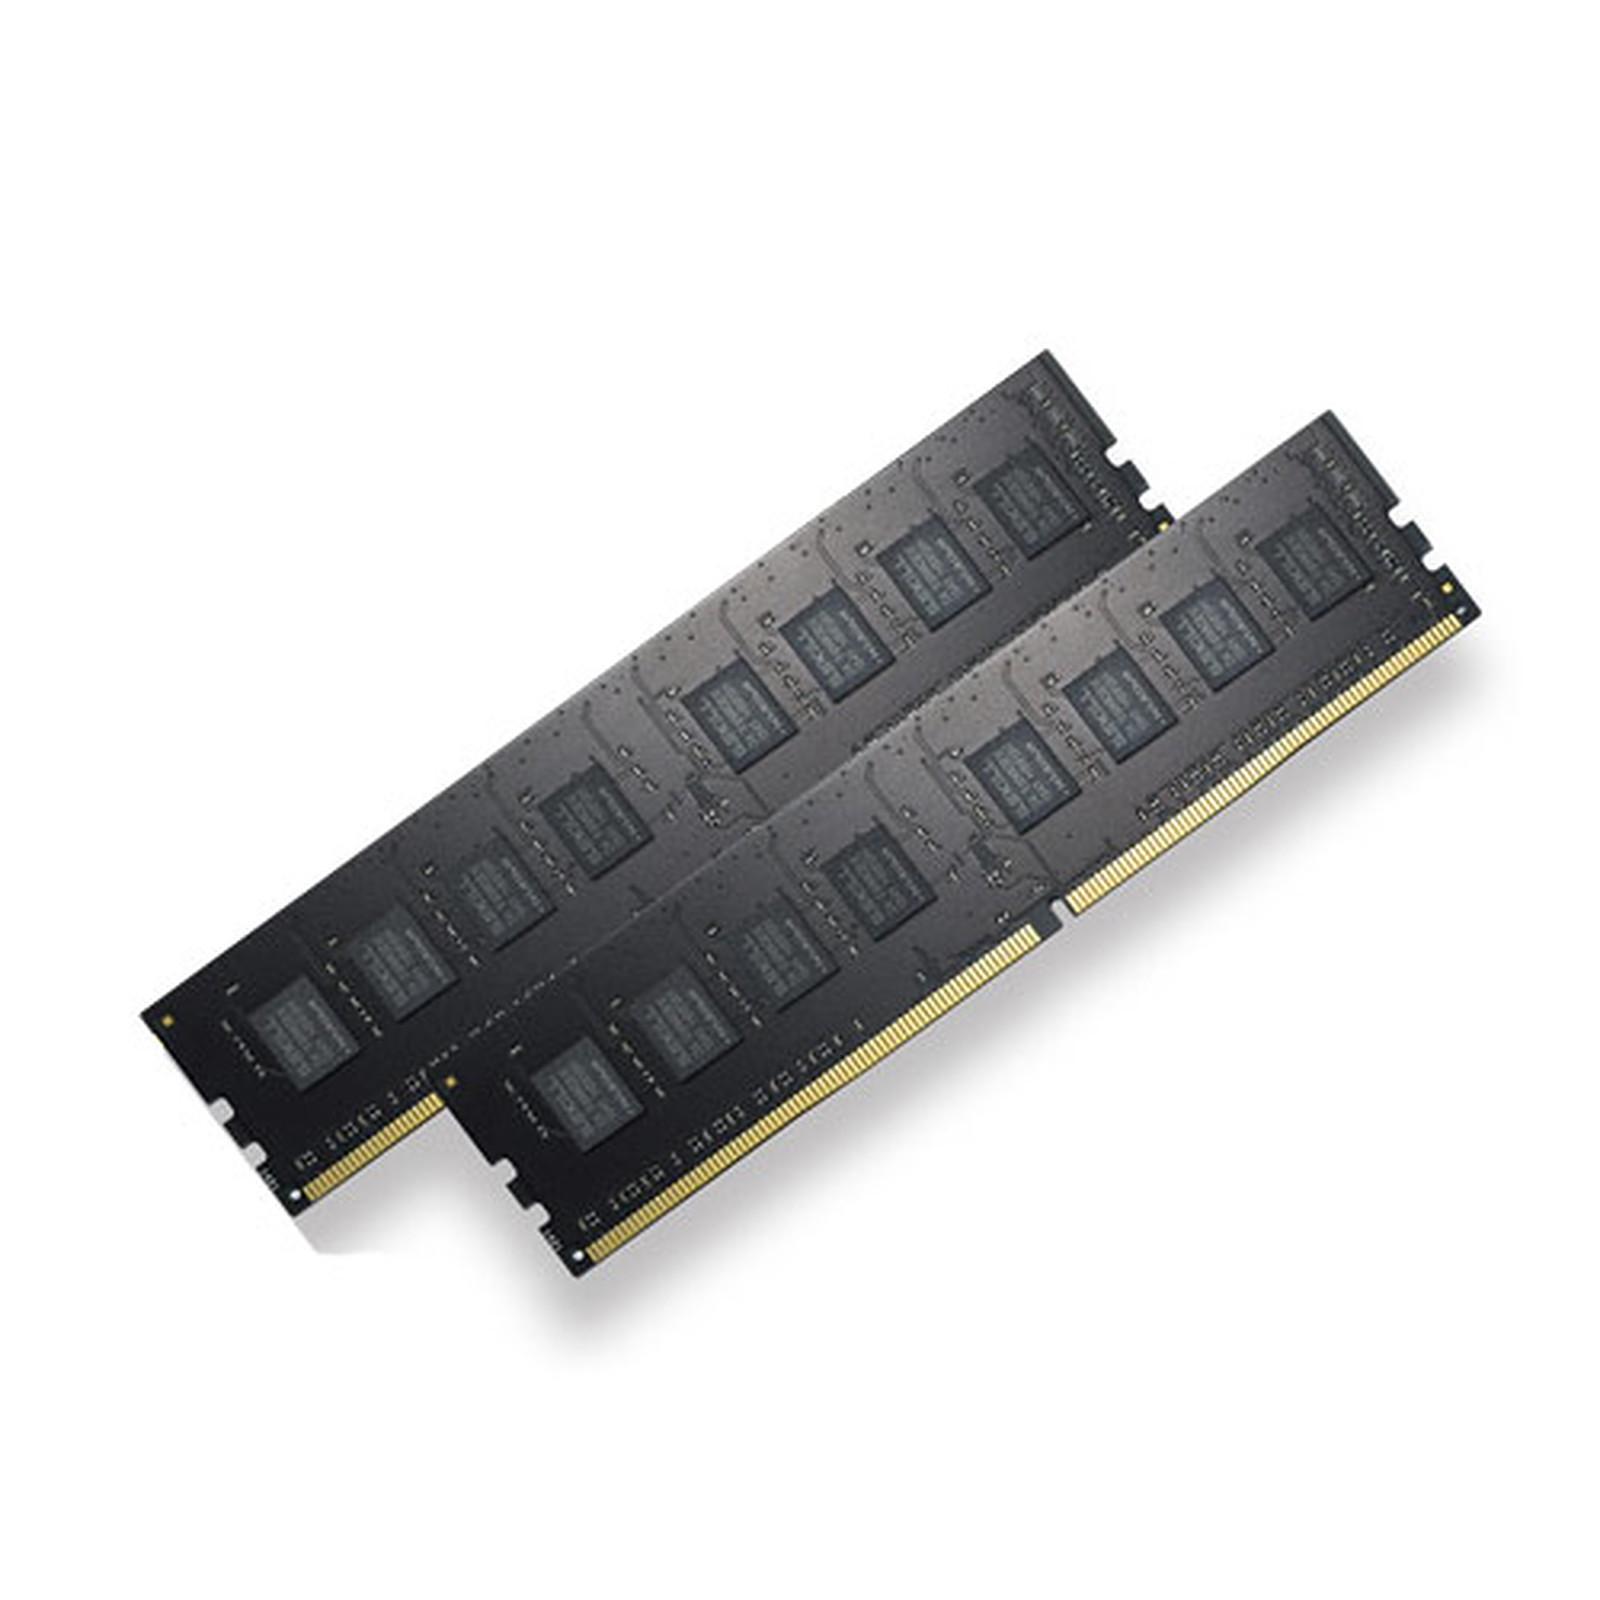 G.Skill RipJaws 4 Series 16 Go (2x 8 Go) DDR4 2400 MHz CL15